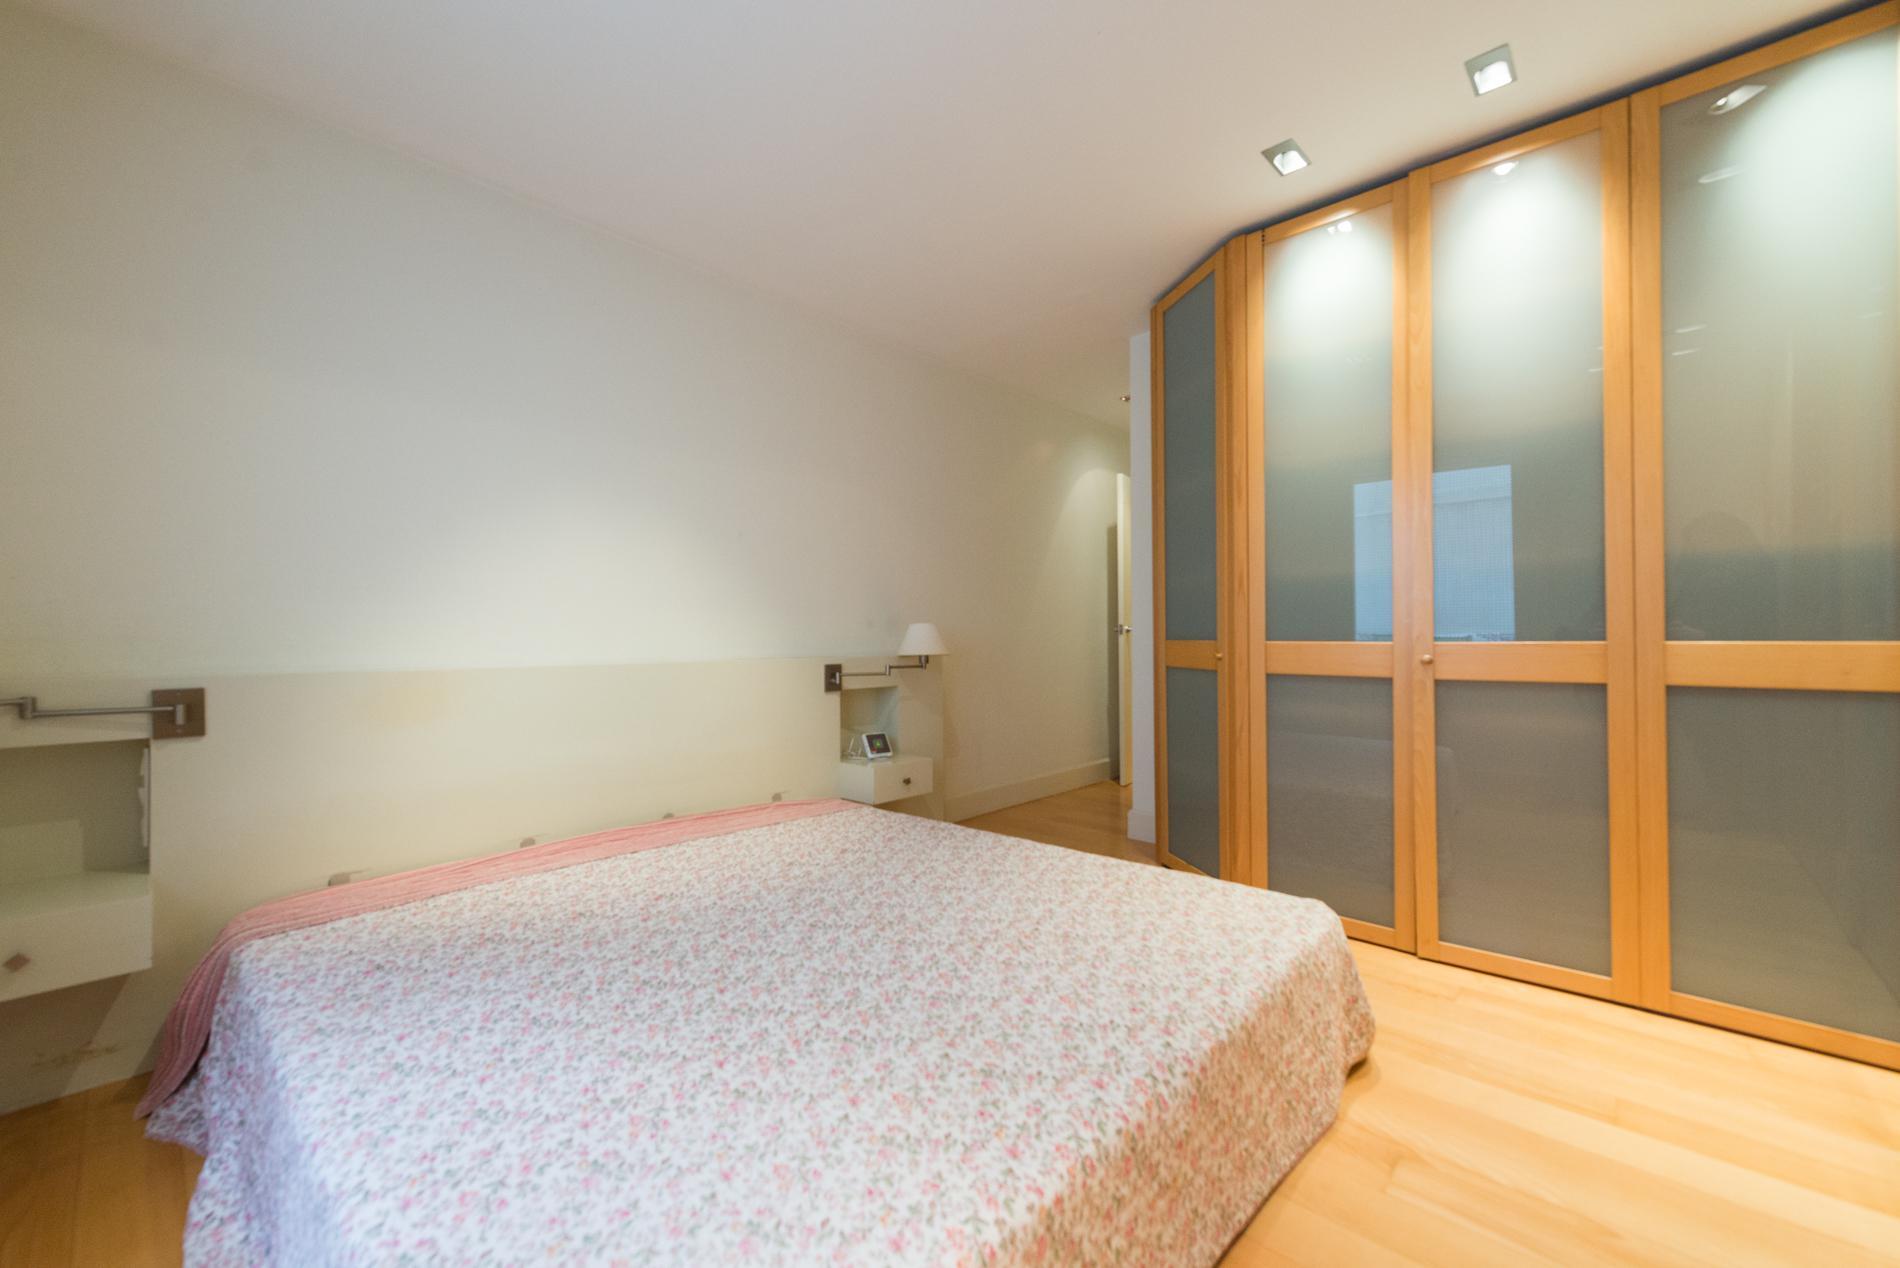 247761 Ground Floor for sale in Sarrià-Sant Gervasi, St. Gervasi-Bonanova 11